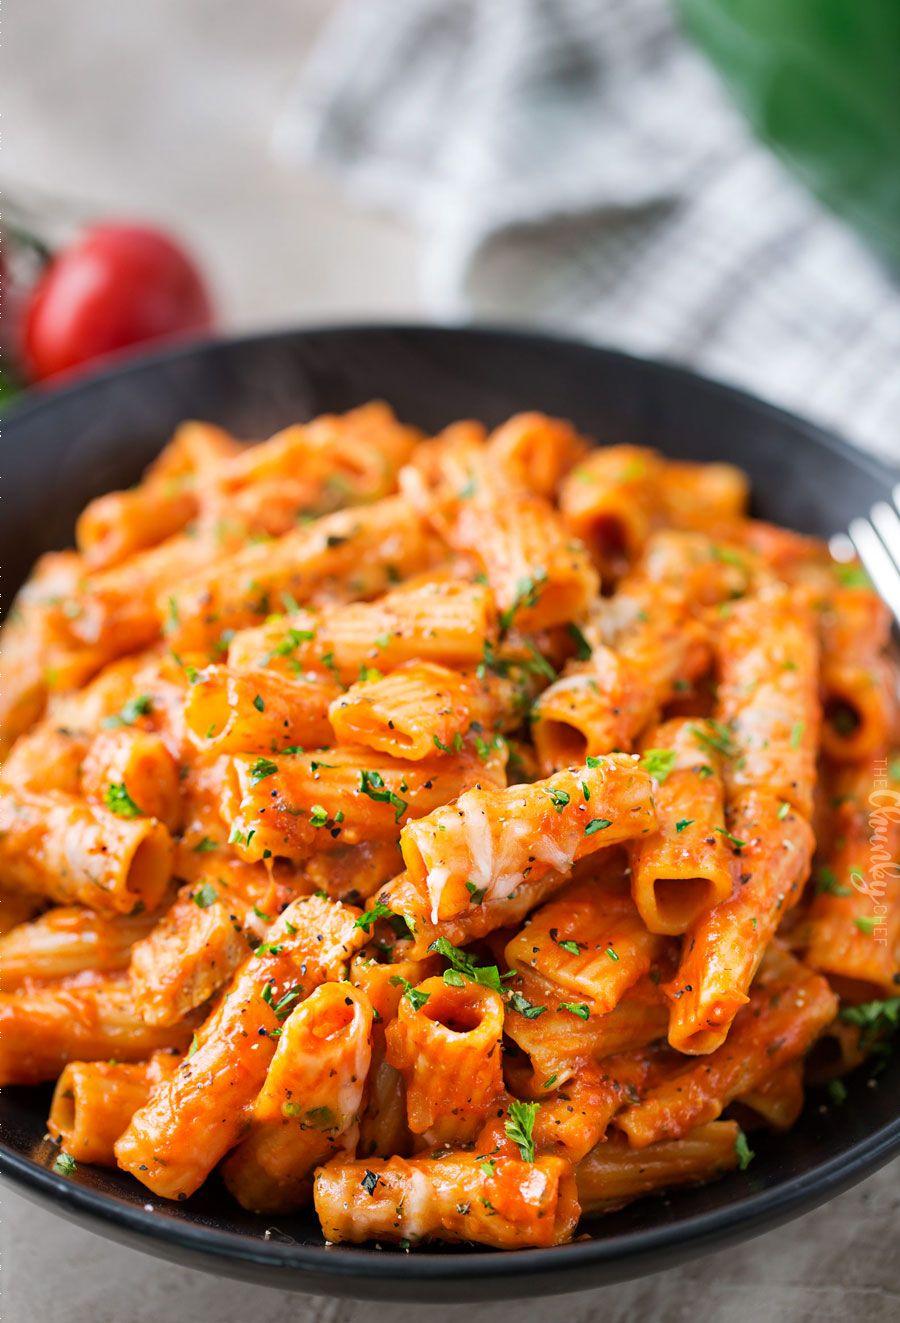 Pâtes au poulet et parmesan en pot - Recettes de poulet de 30 minutes - Idées de recettes pour le dîner au poulet.